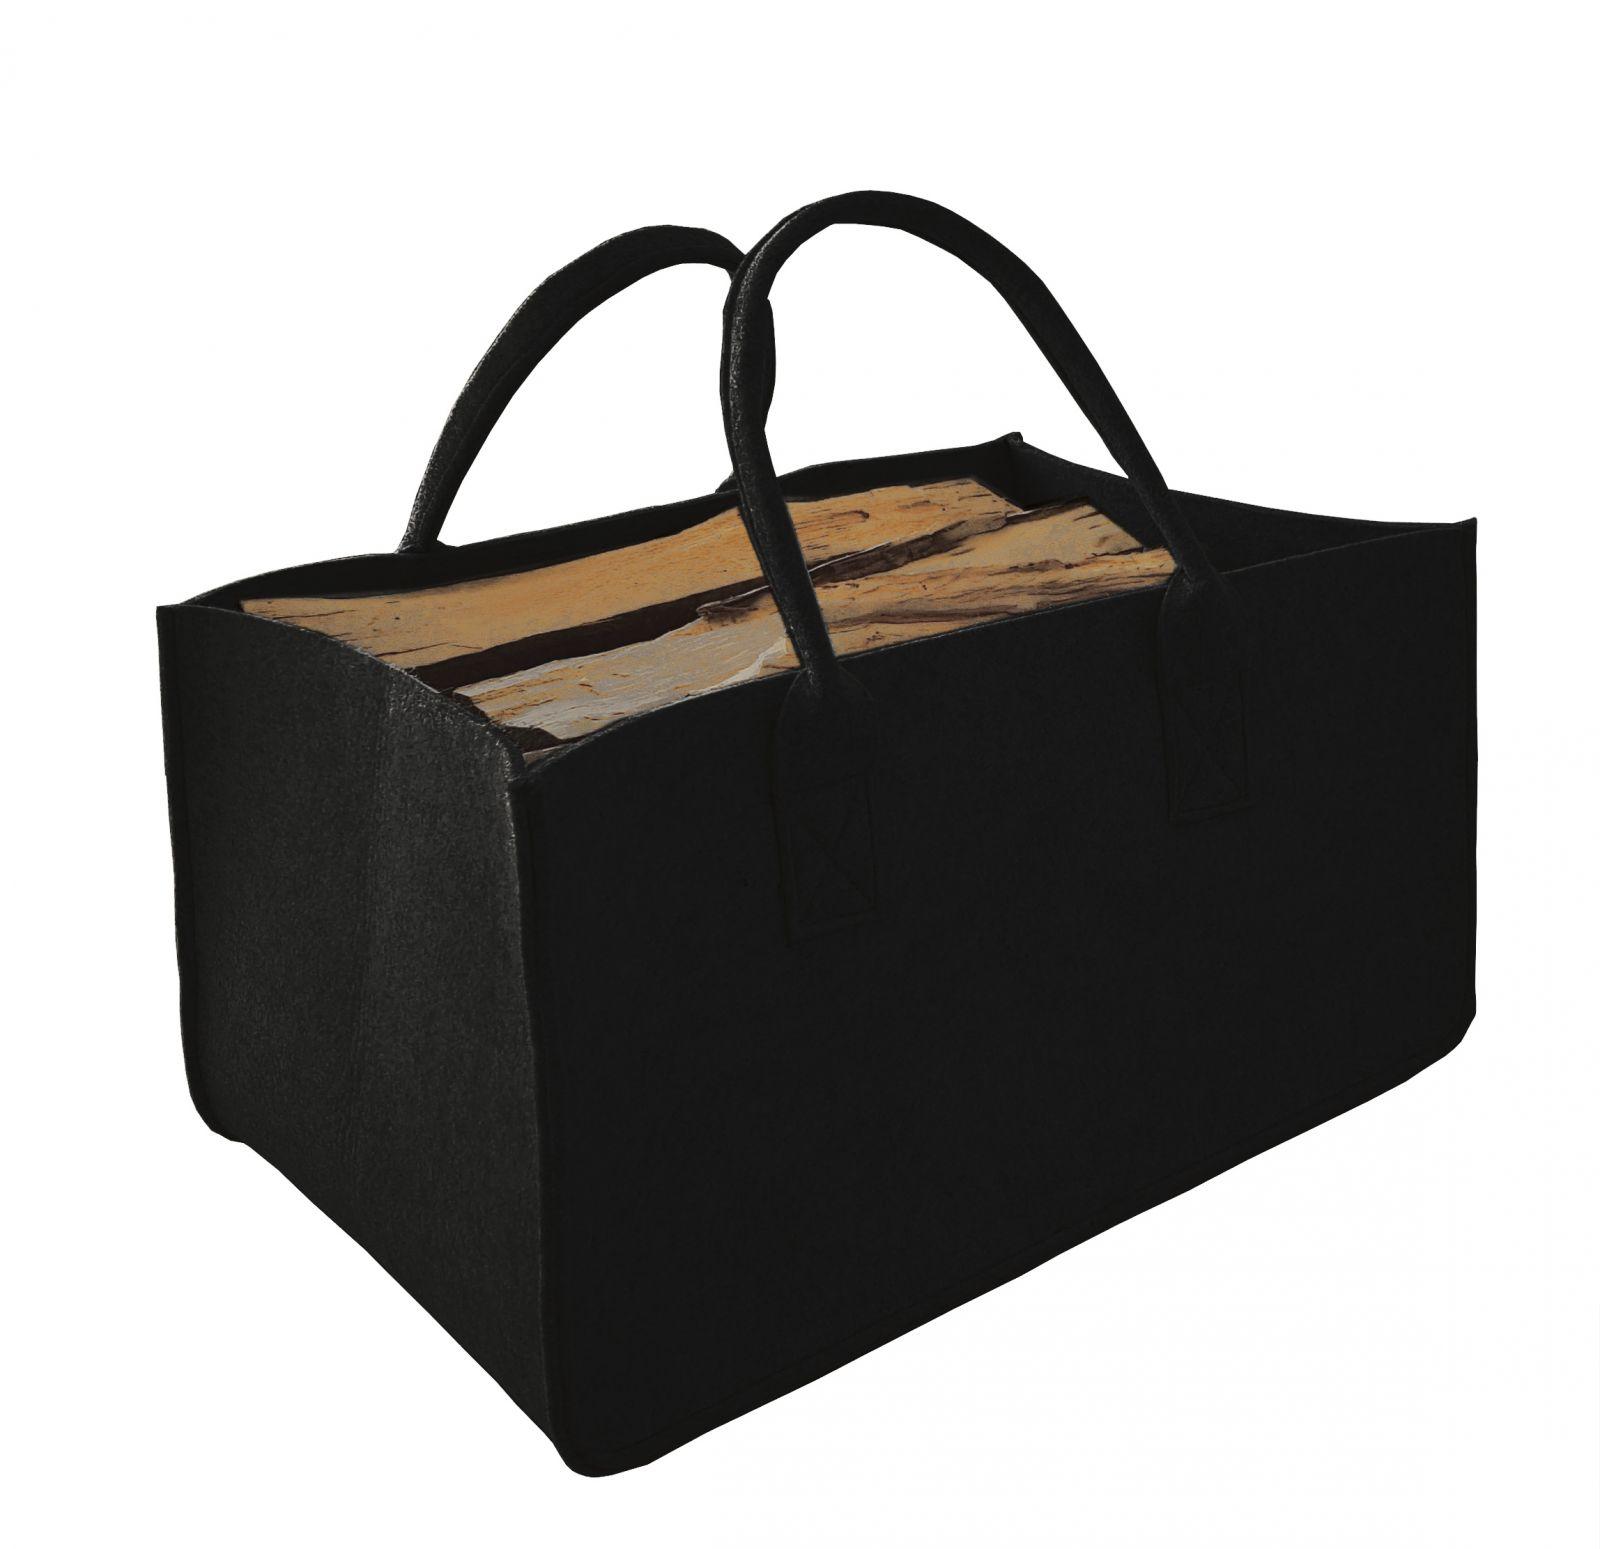 Filcová taška na dřevo, černá